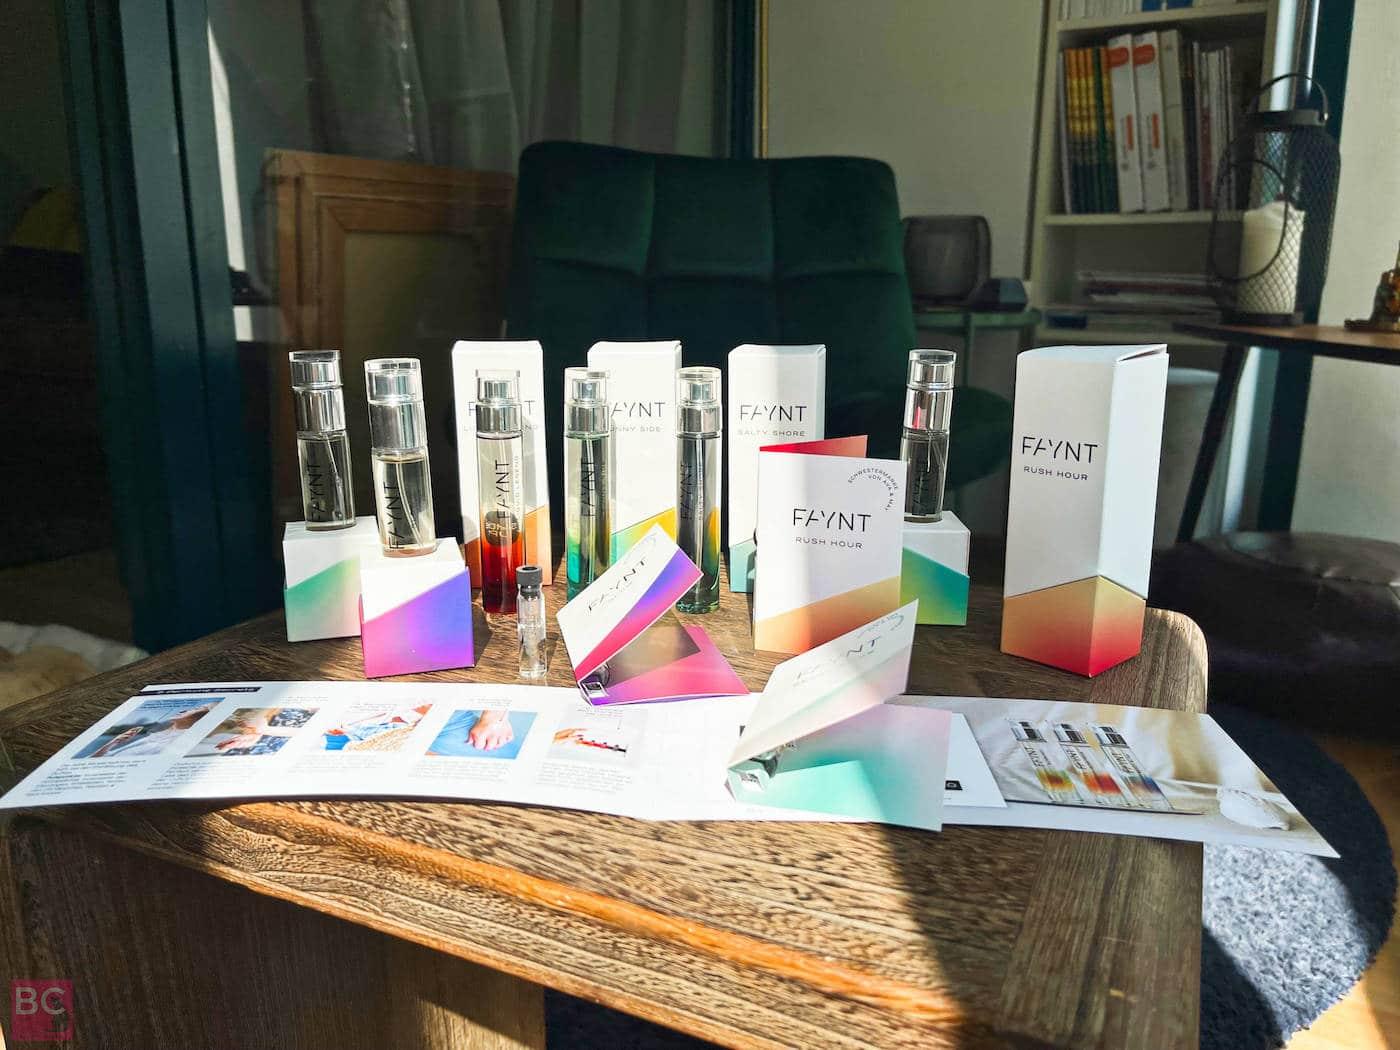 FAYNT Parfüm Erfahrungen mit allen Düften Parfums Sorten